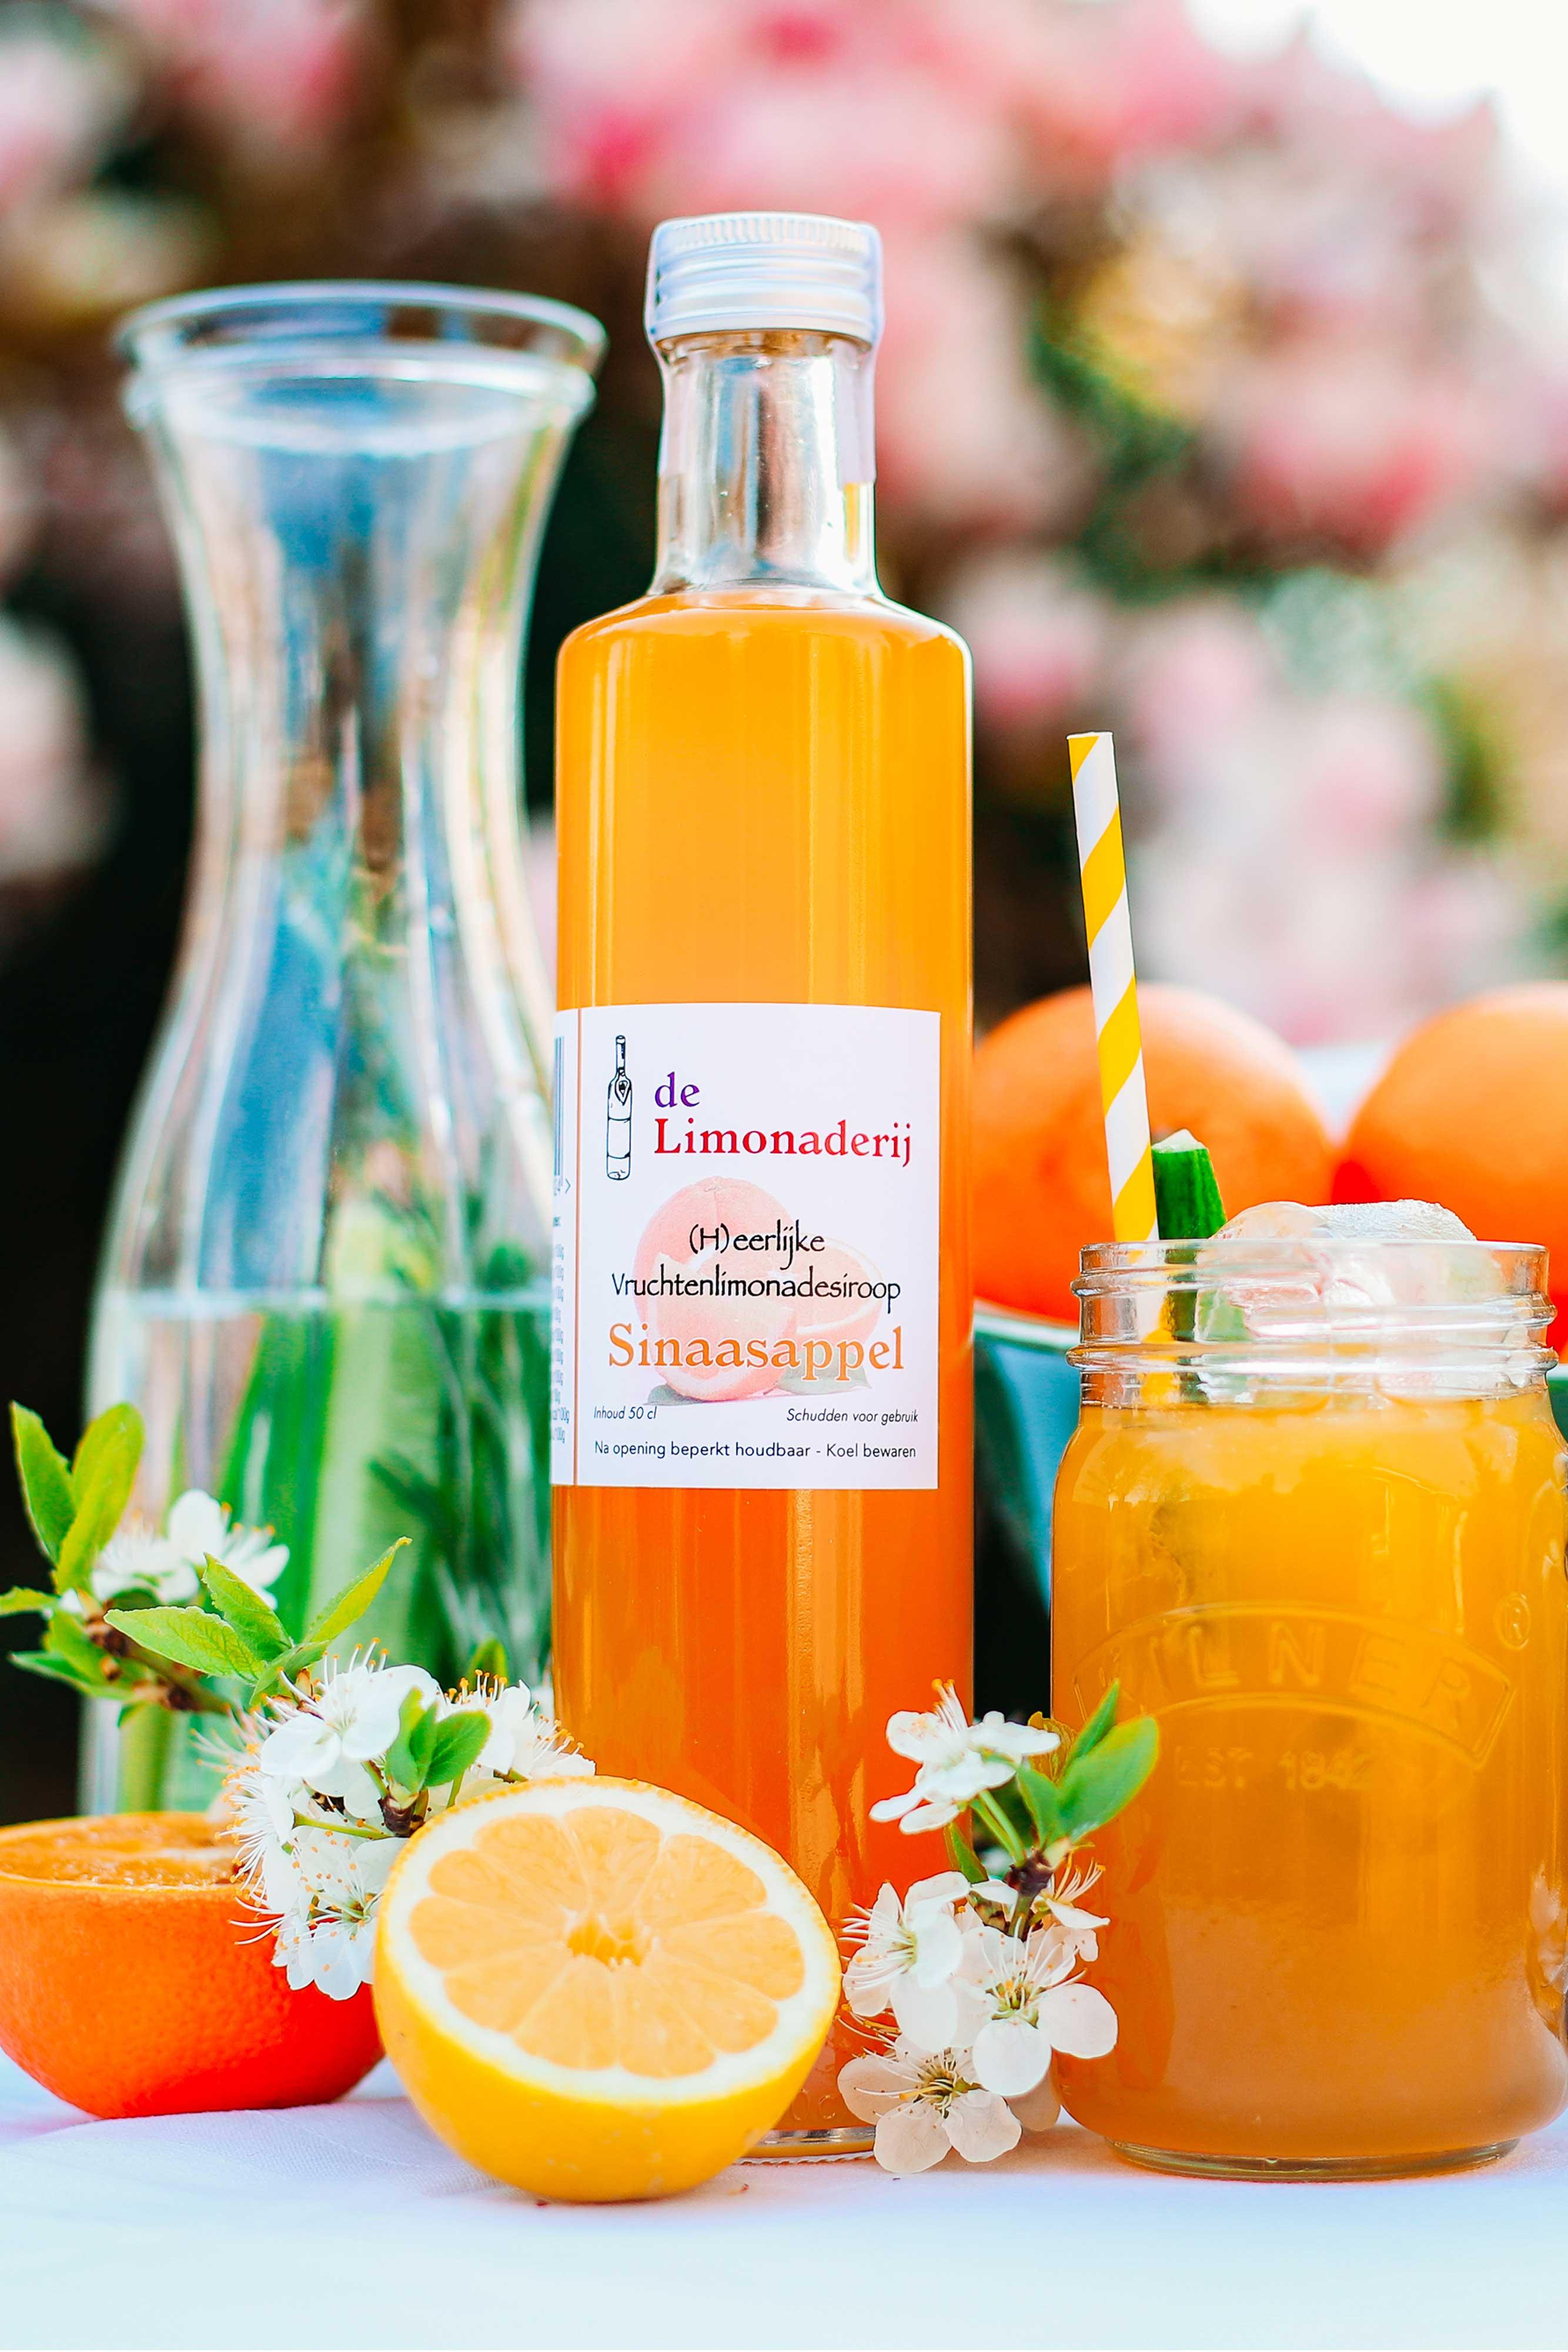 Limonade siroop <br /> Sinaasappel